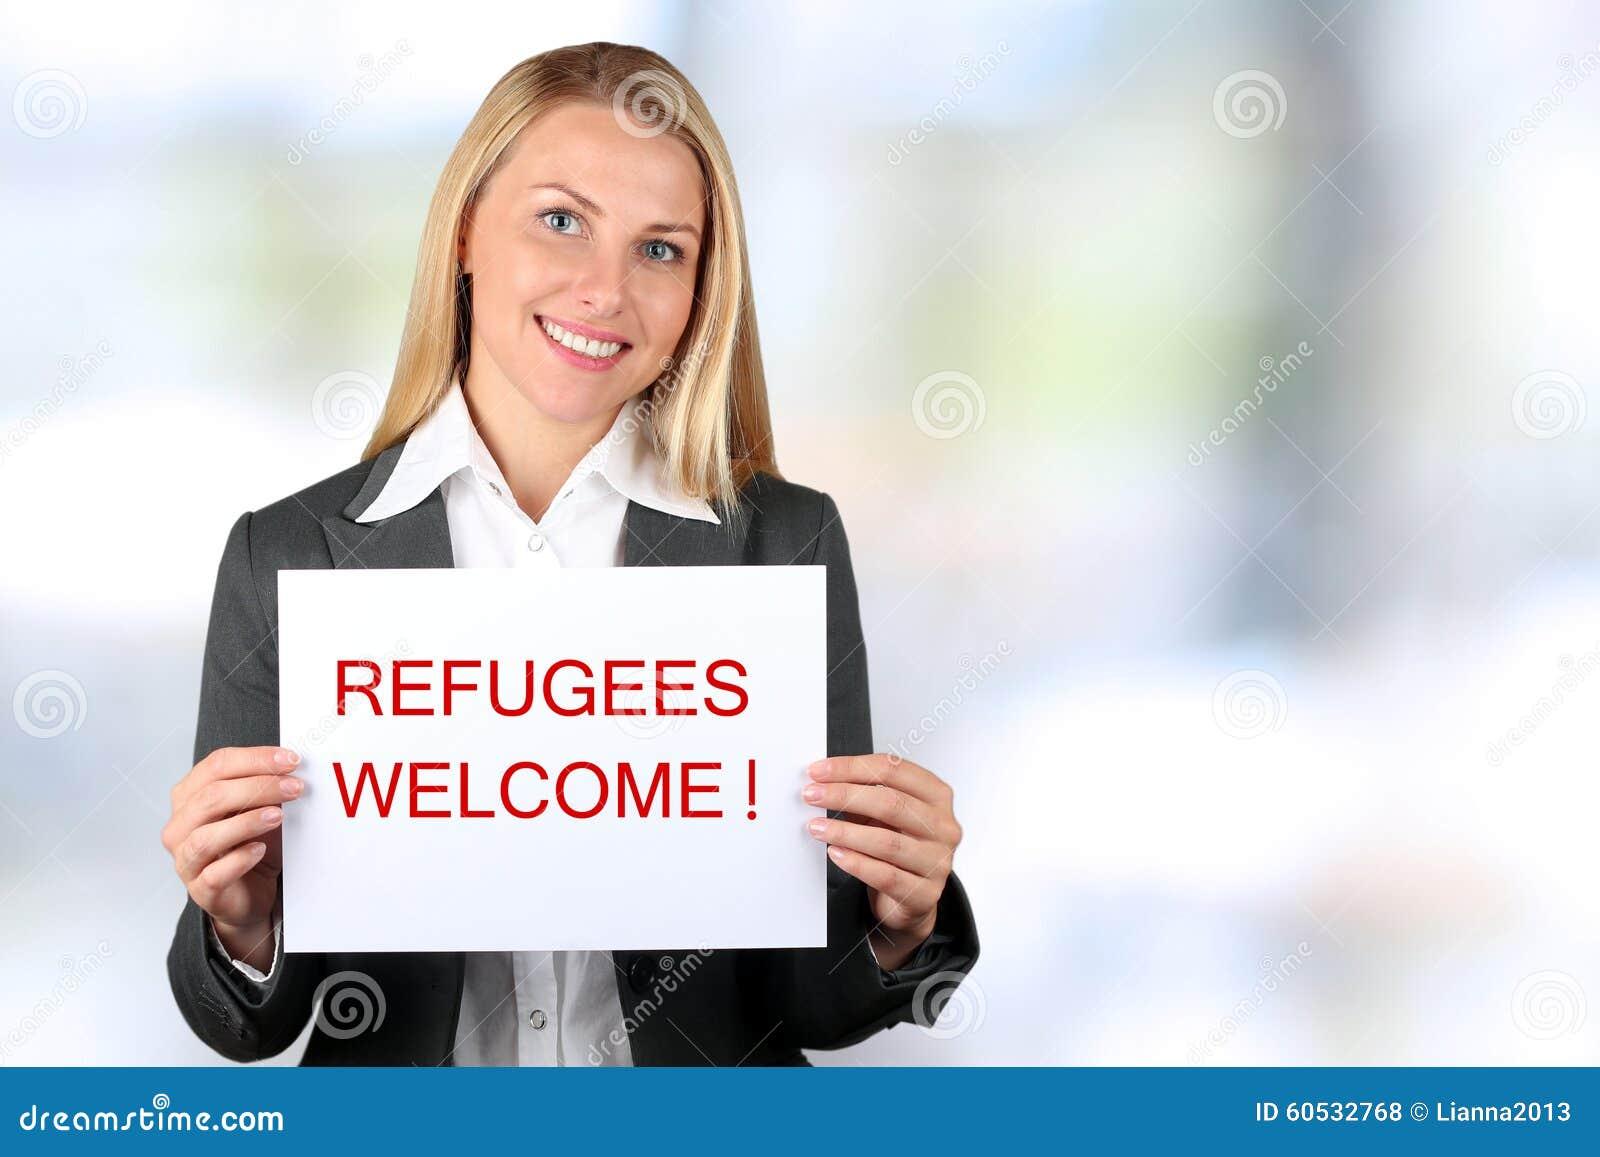 La mujer sonriente que sostiene una bandera blanca con palabras acoge con satisfacción a refugiados